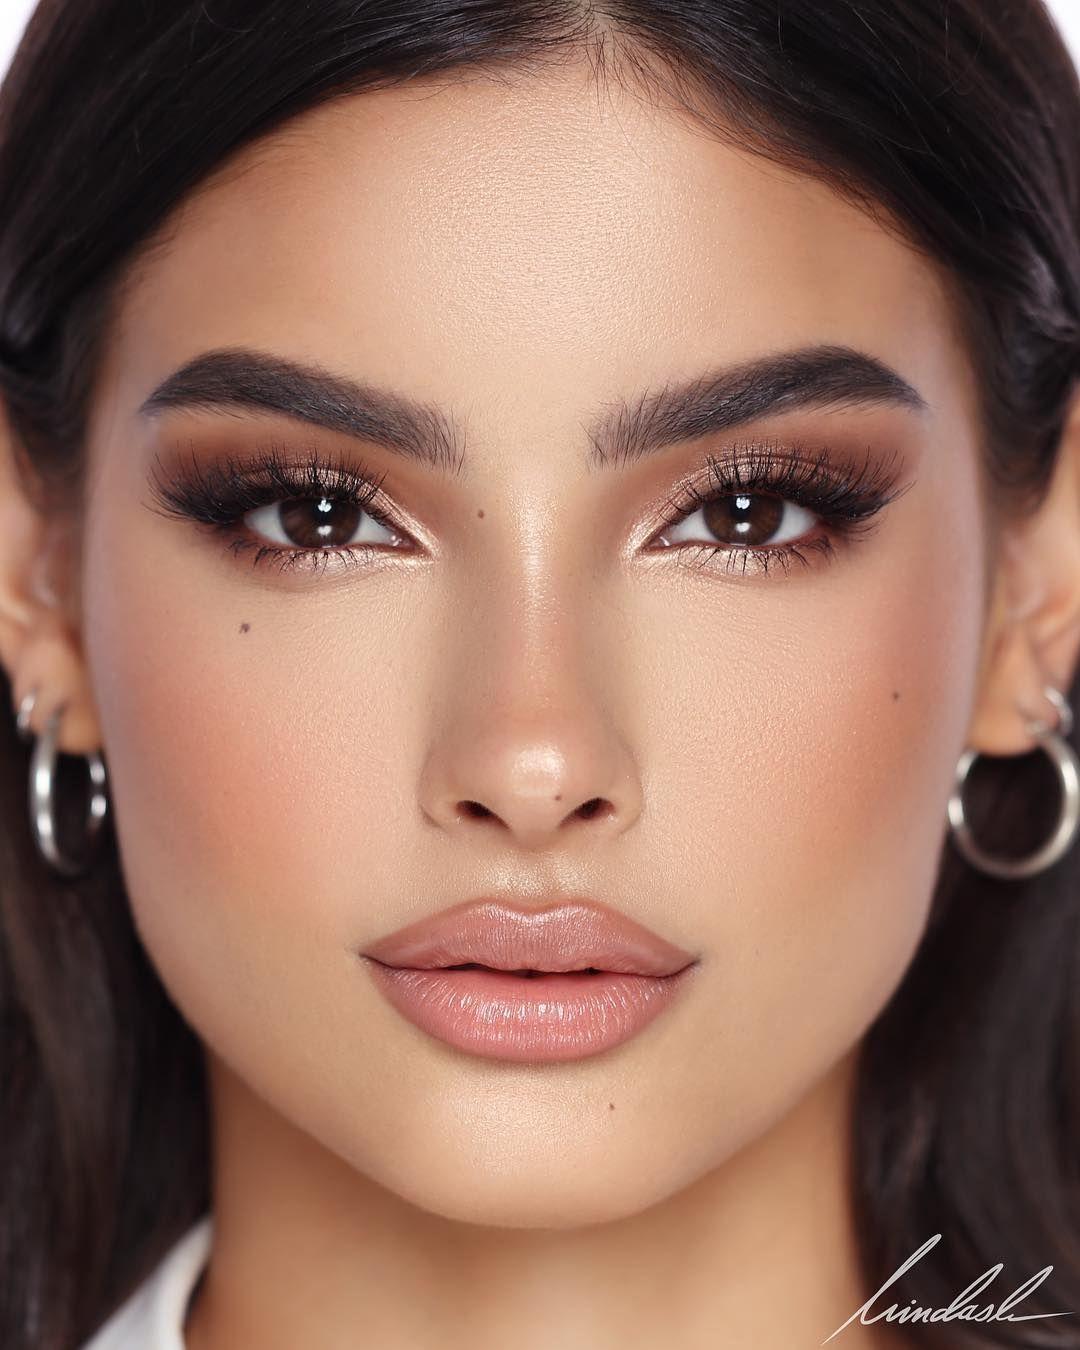 """Mohammed Hindash auf Instagram: """"My Signature Makeup Look! 🖤 auf dem makellosen …"""